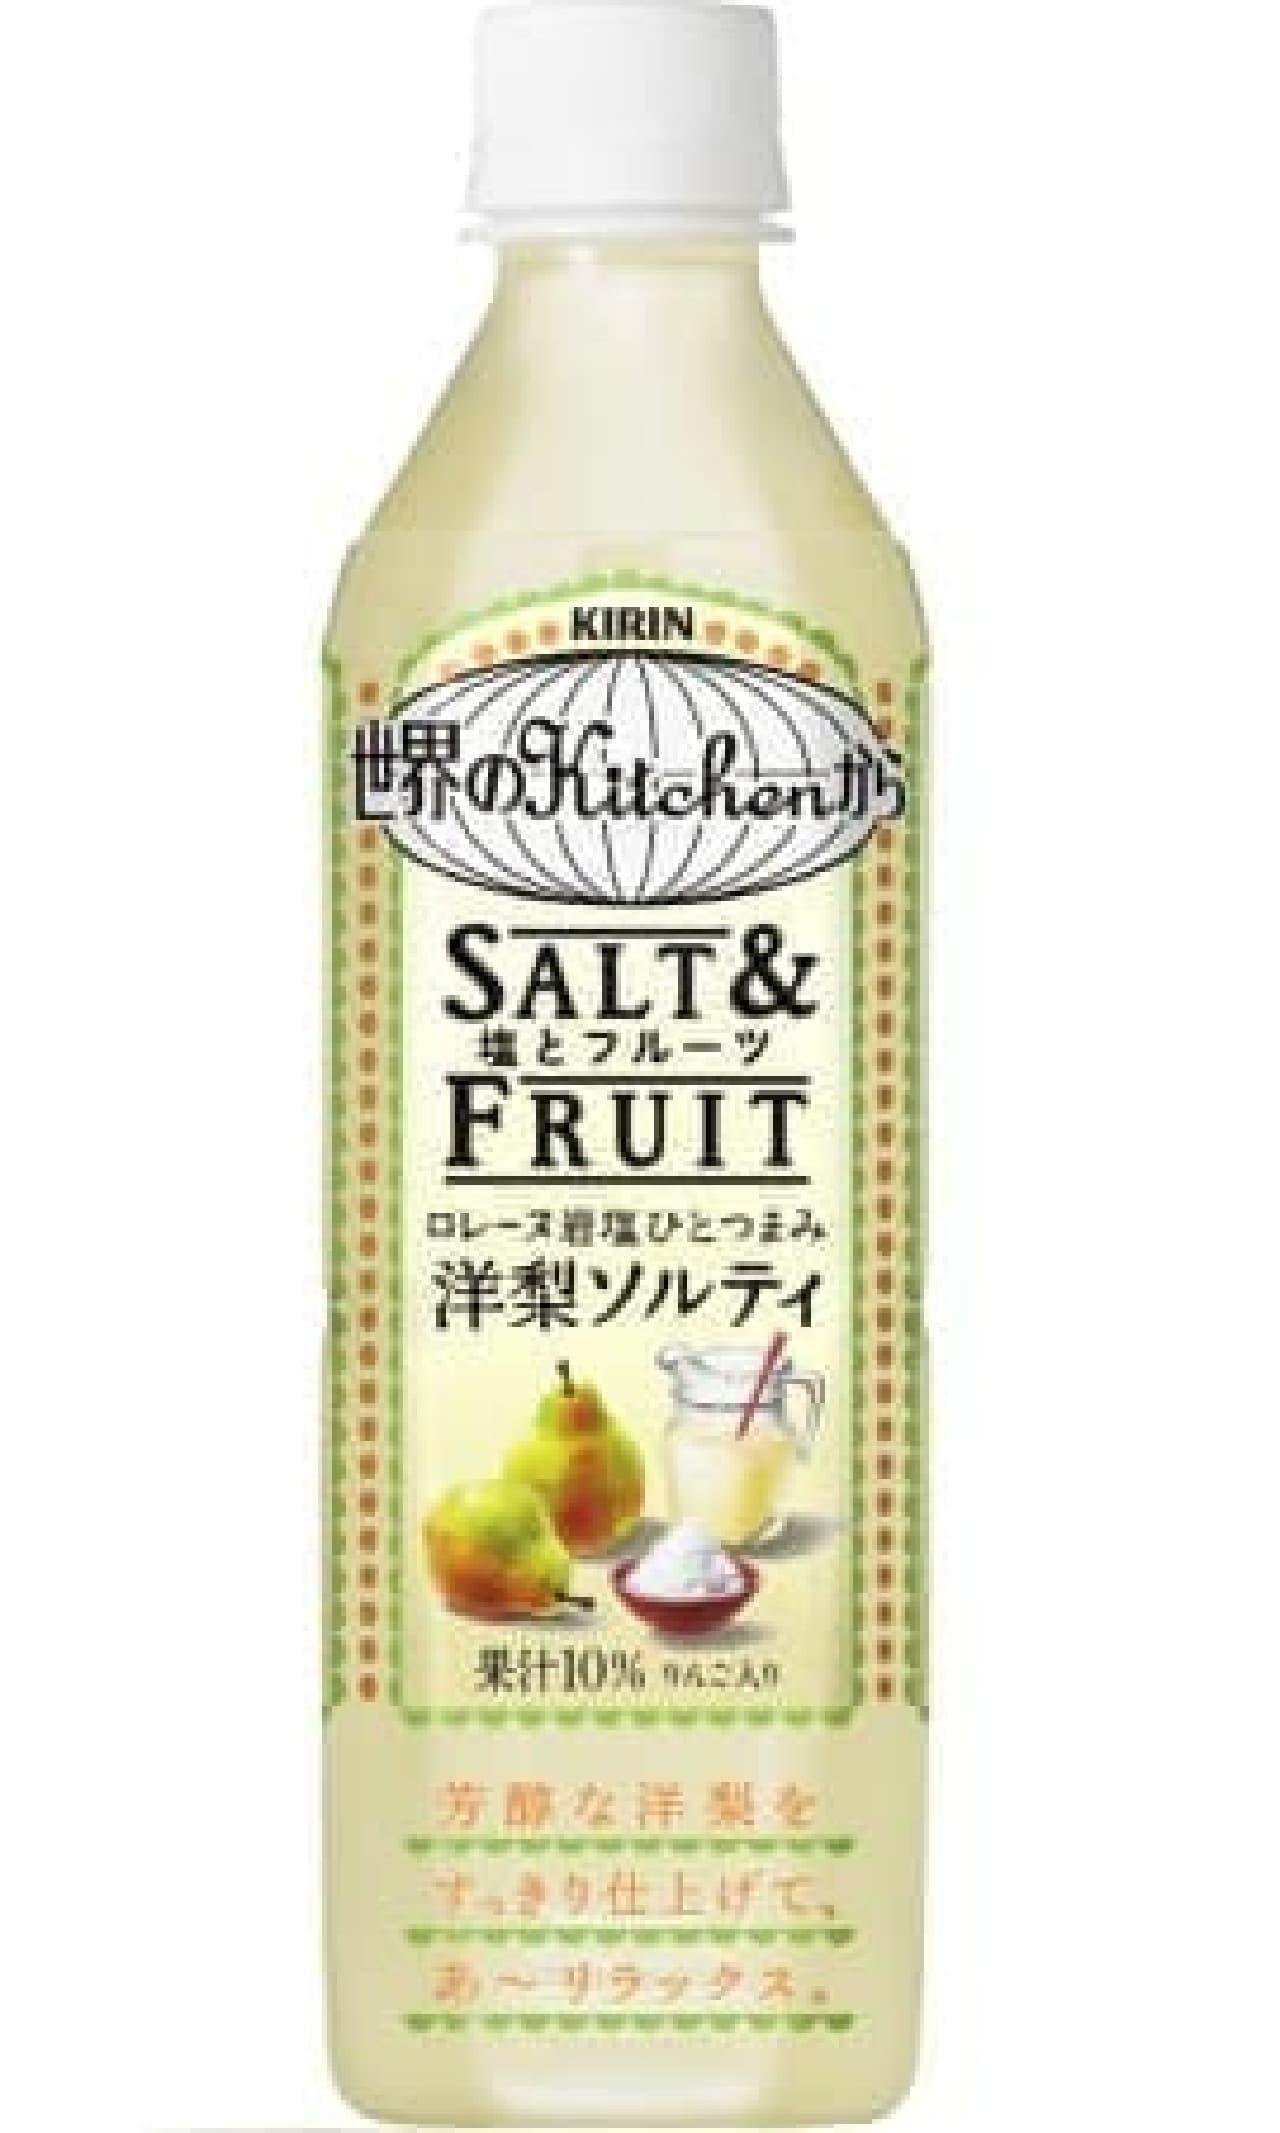 芳醇な甘みの「洋梨+塩」